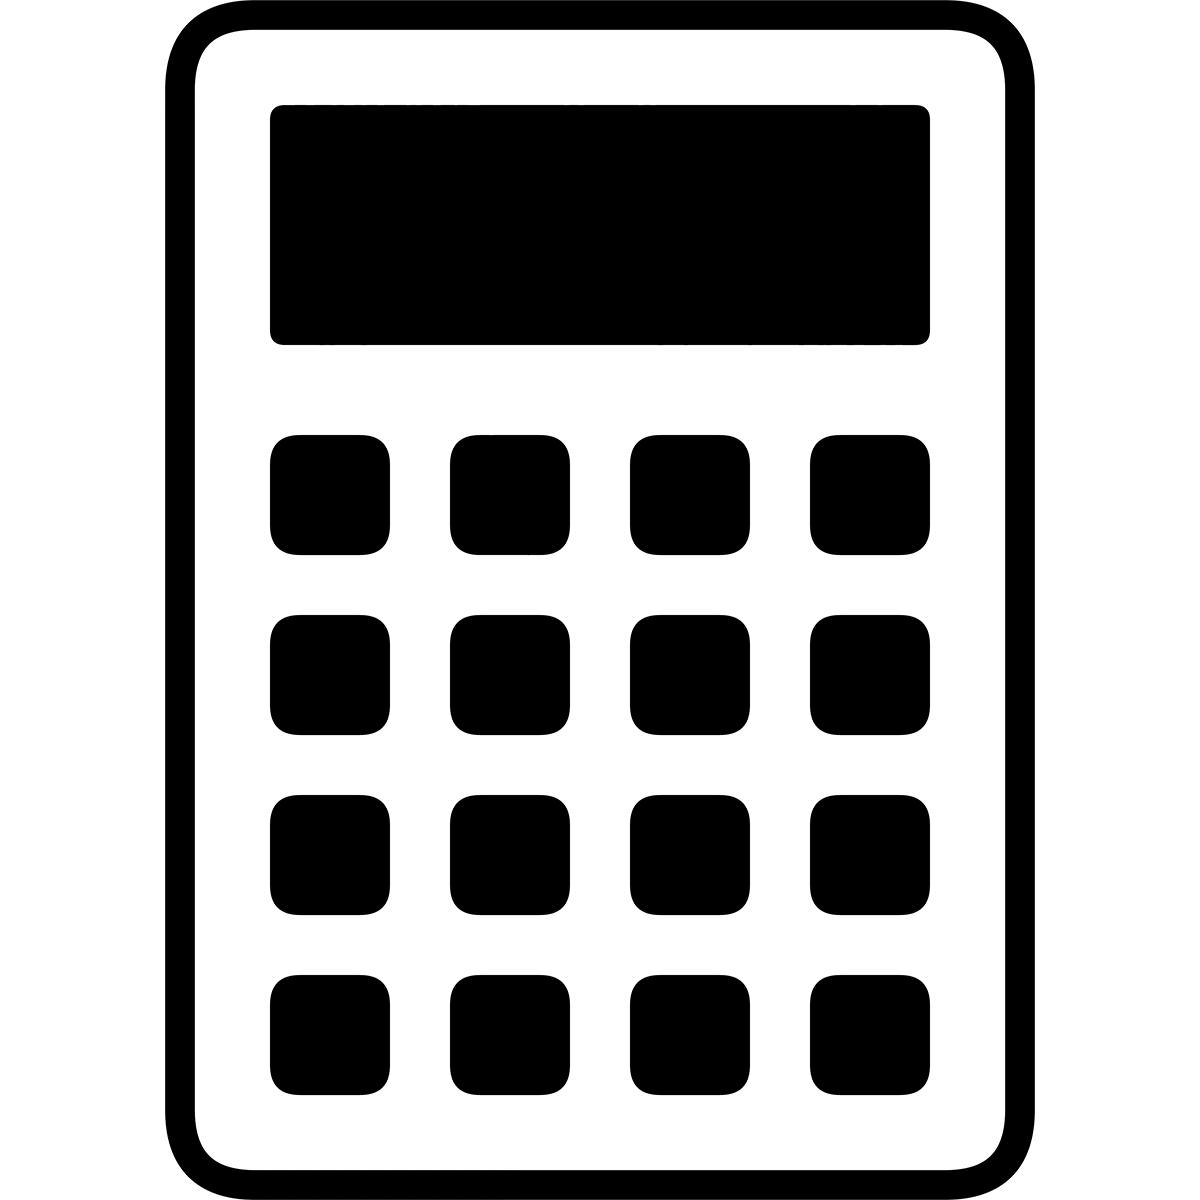 【アイコン】電卓の無料イラスト